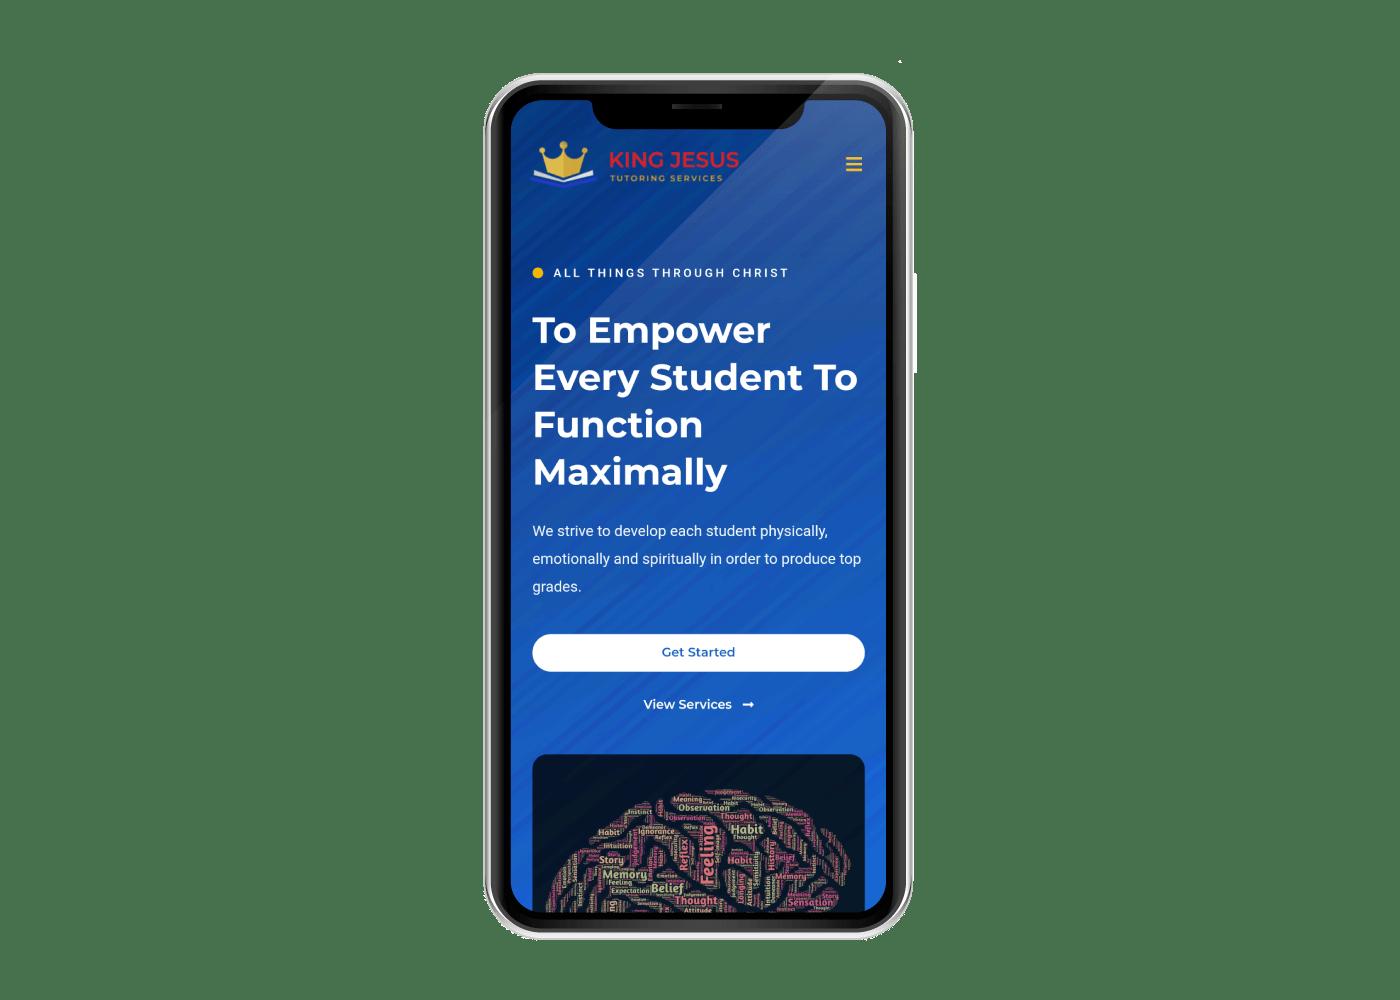 King Jesus Tutoring Services mobile website